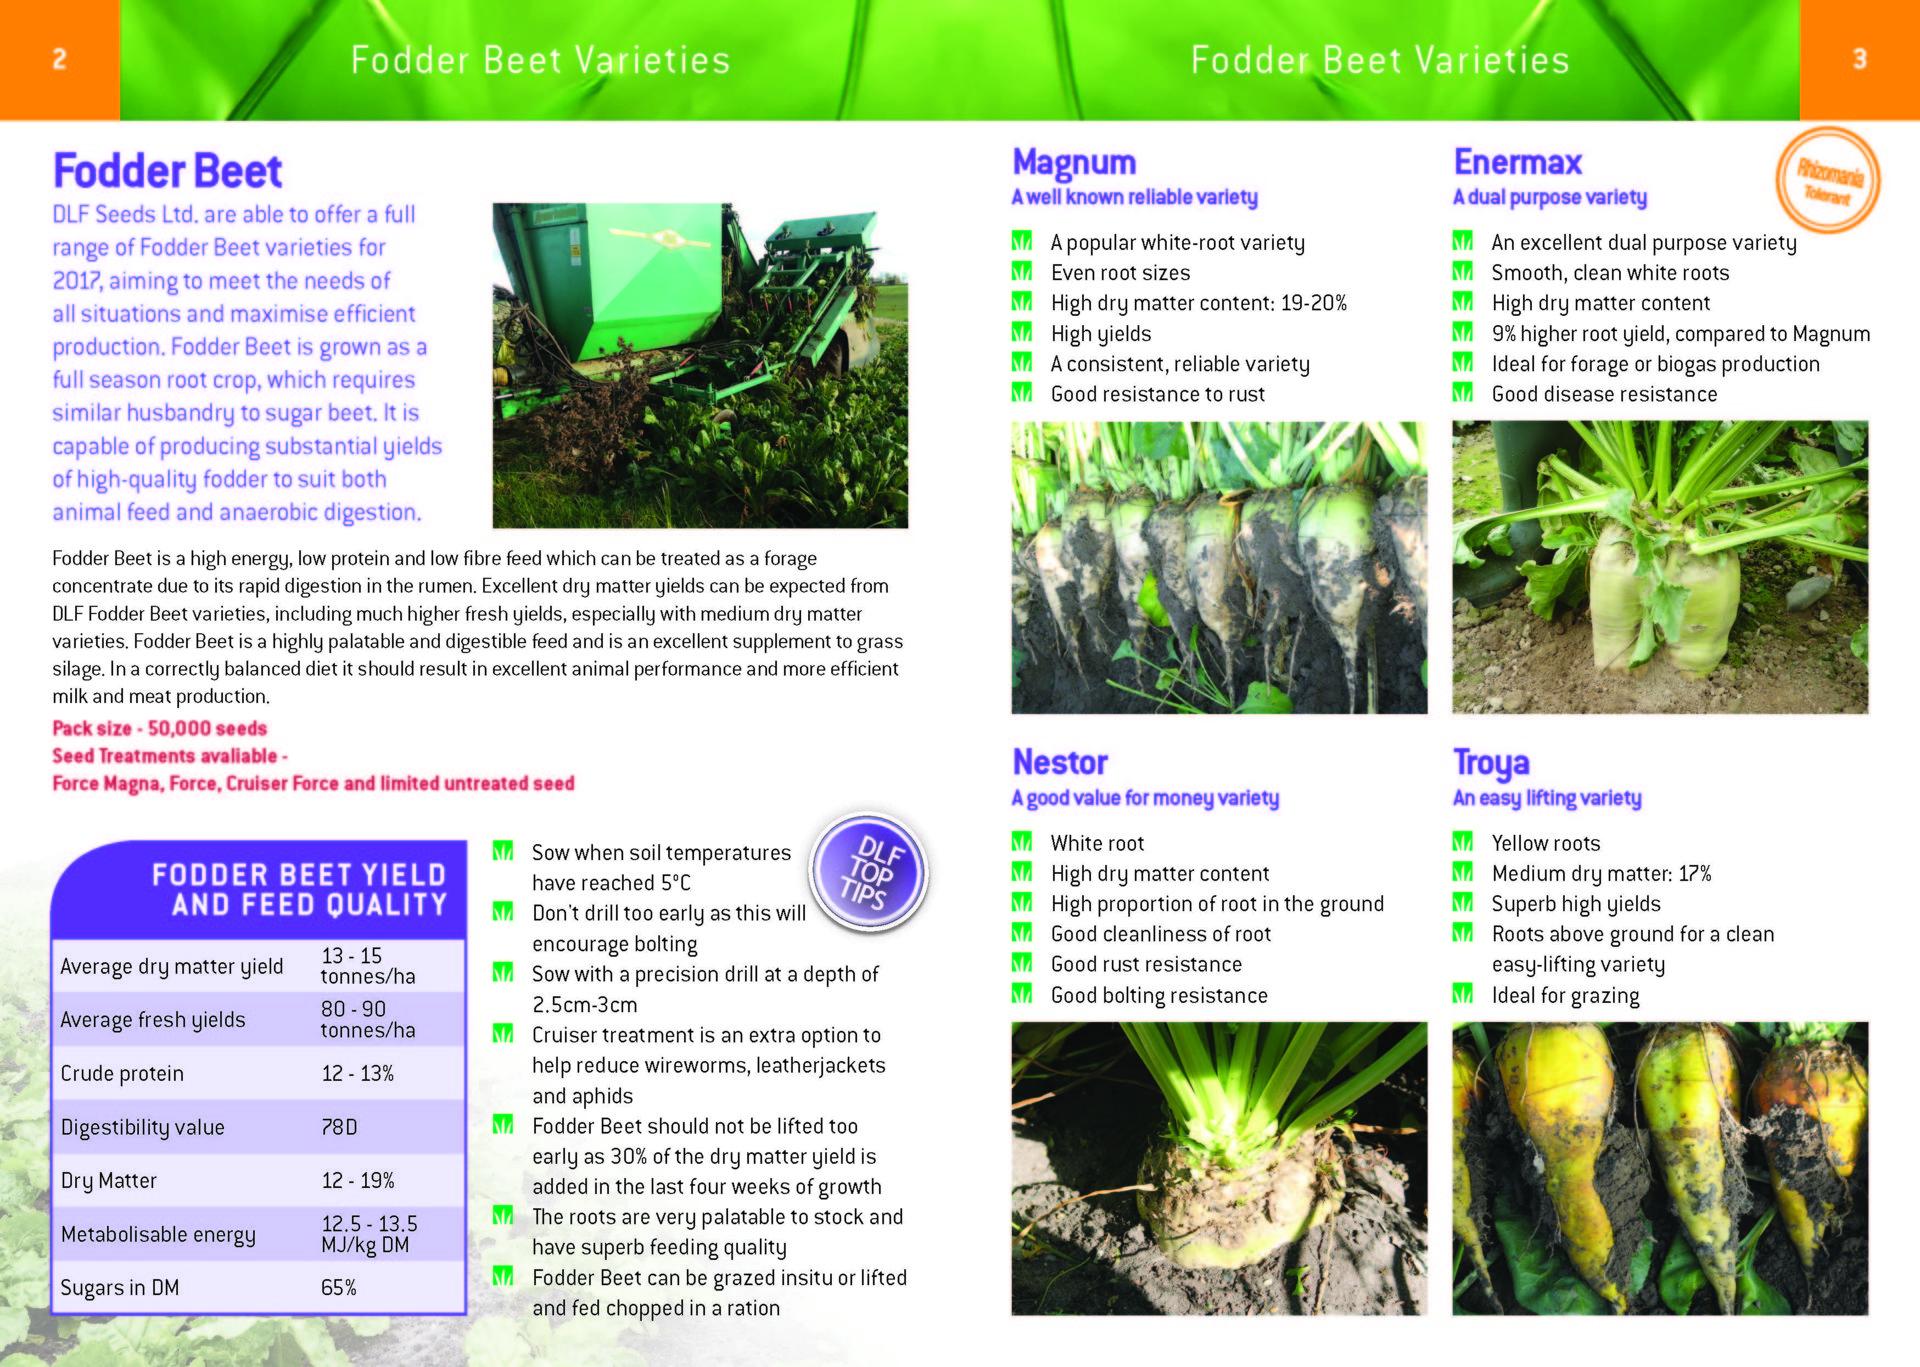 DLF Fodder Beet Varieties 2017 Leaflet Final_Page_2.jpg